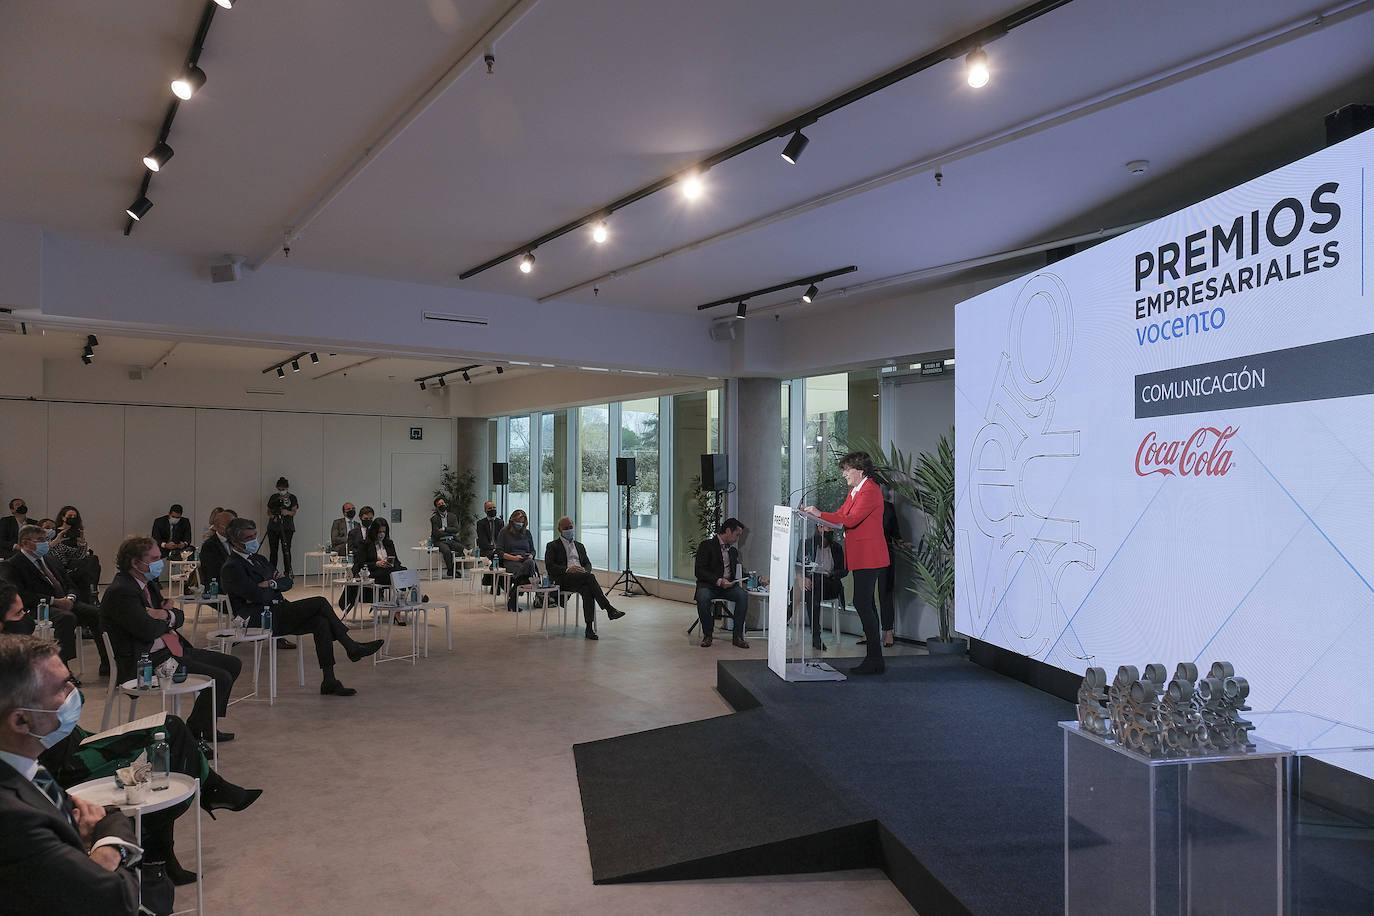 Los IV Premios Empresariales de Vocento, en imágenes